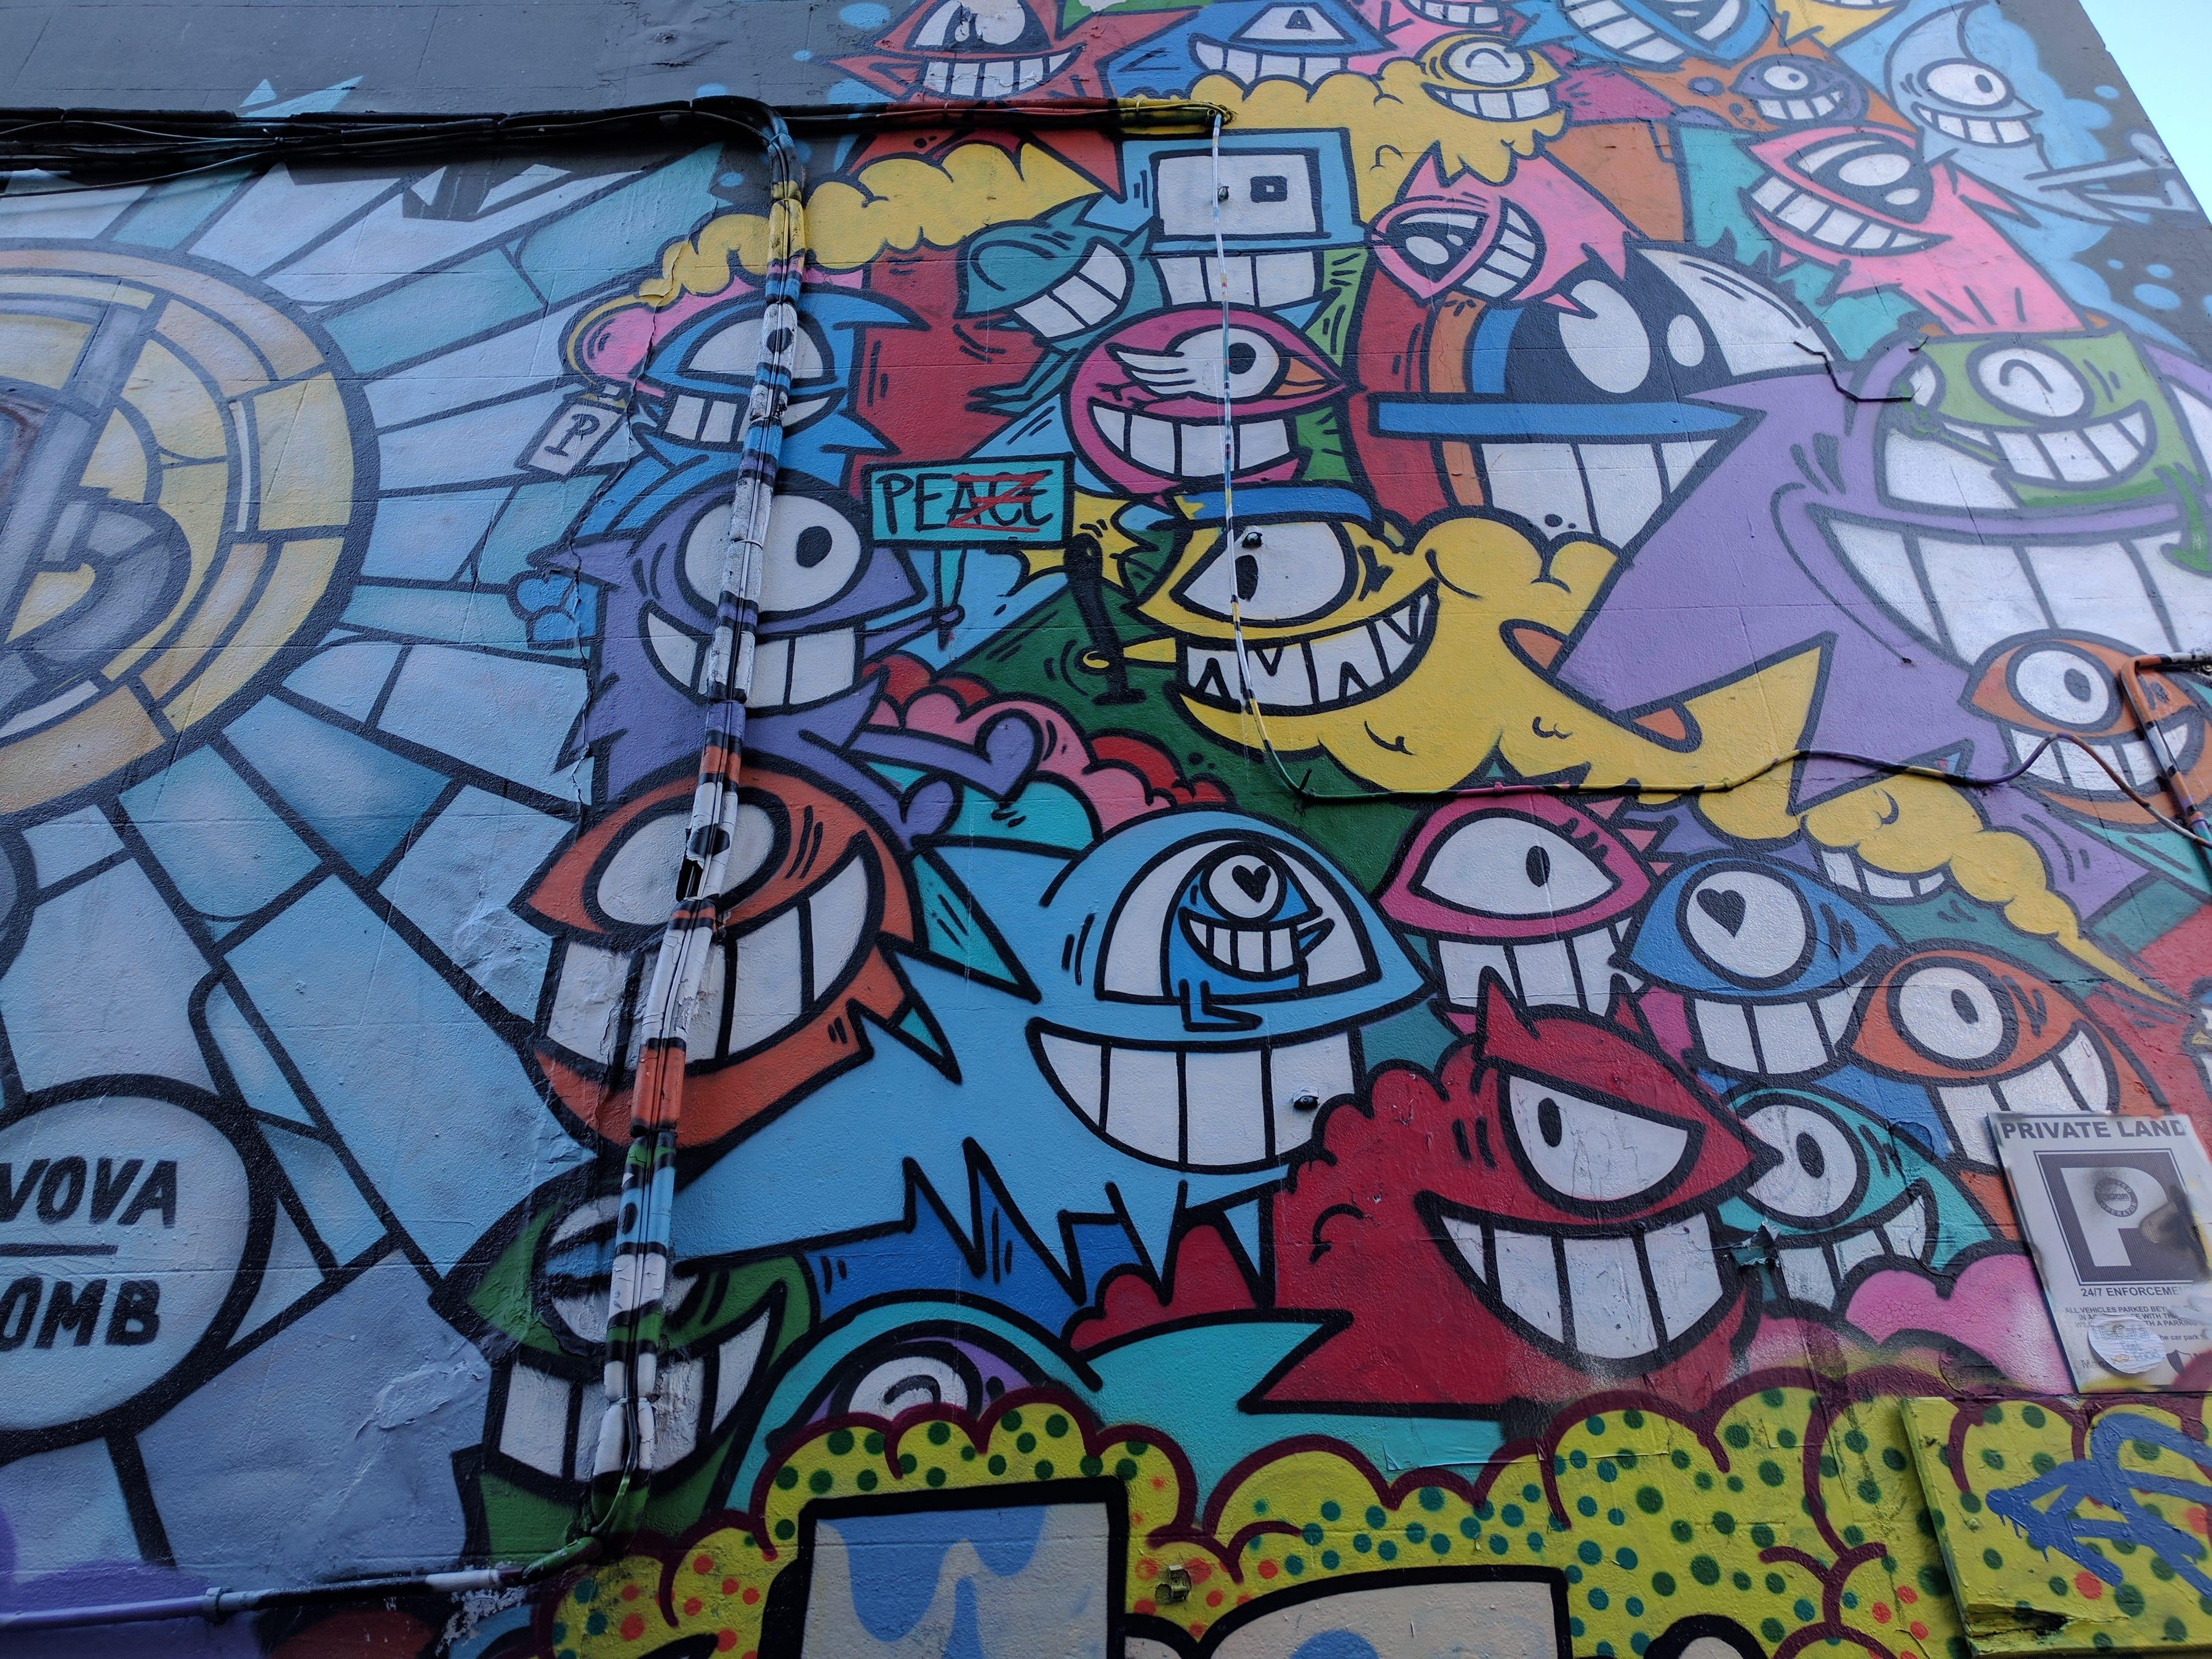 099-graffiti37